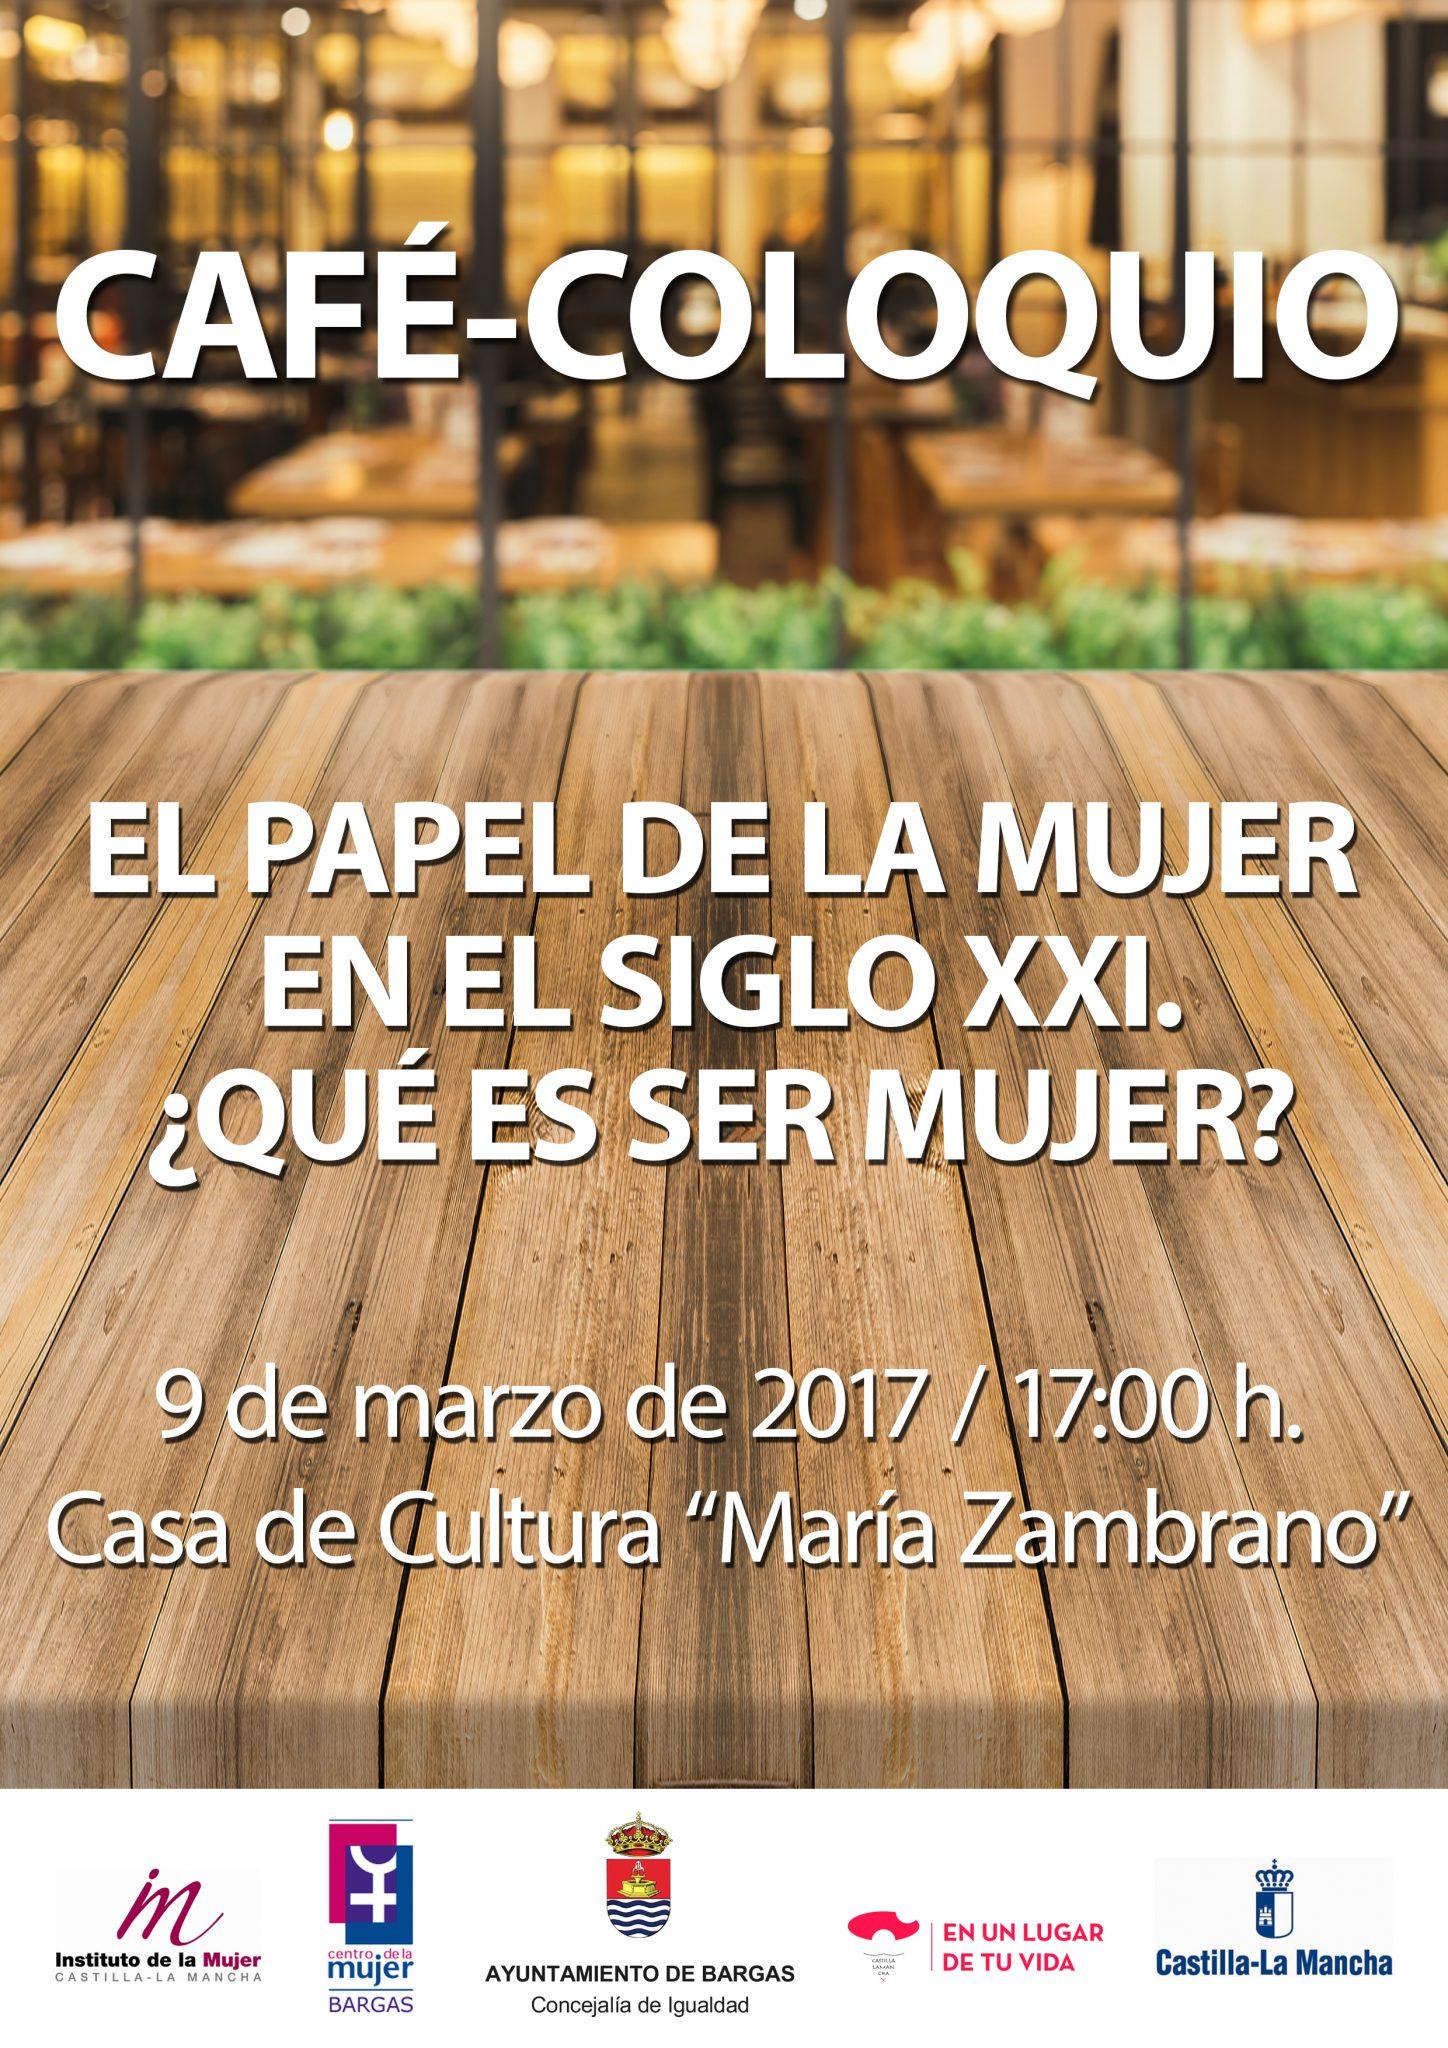 Café-Coloquio: El papel de La Mujer en el Siglo XXI